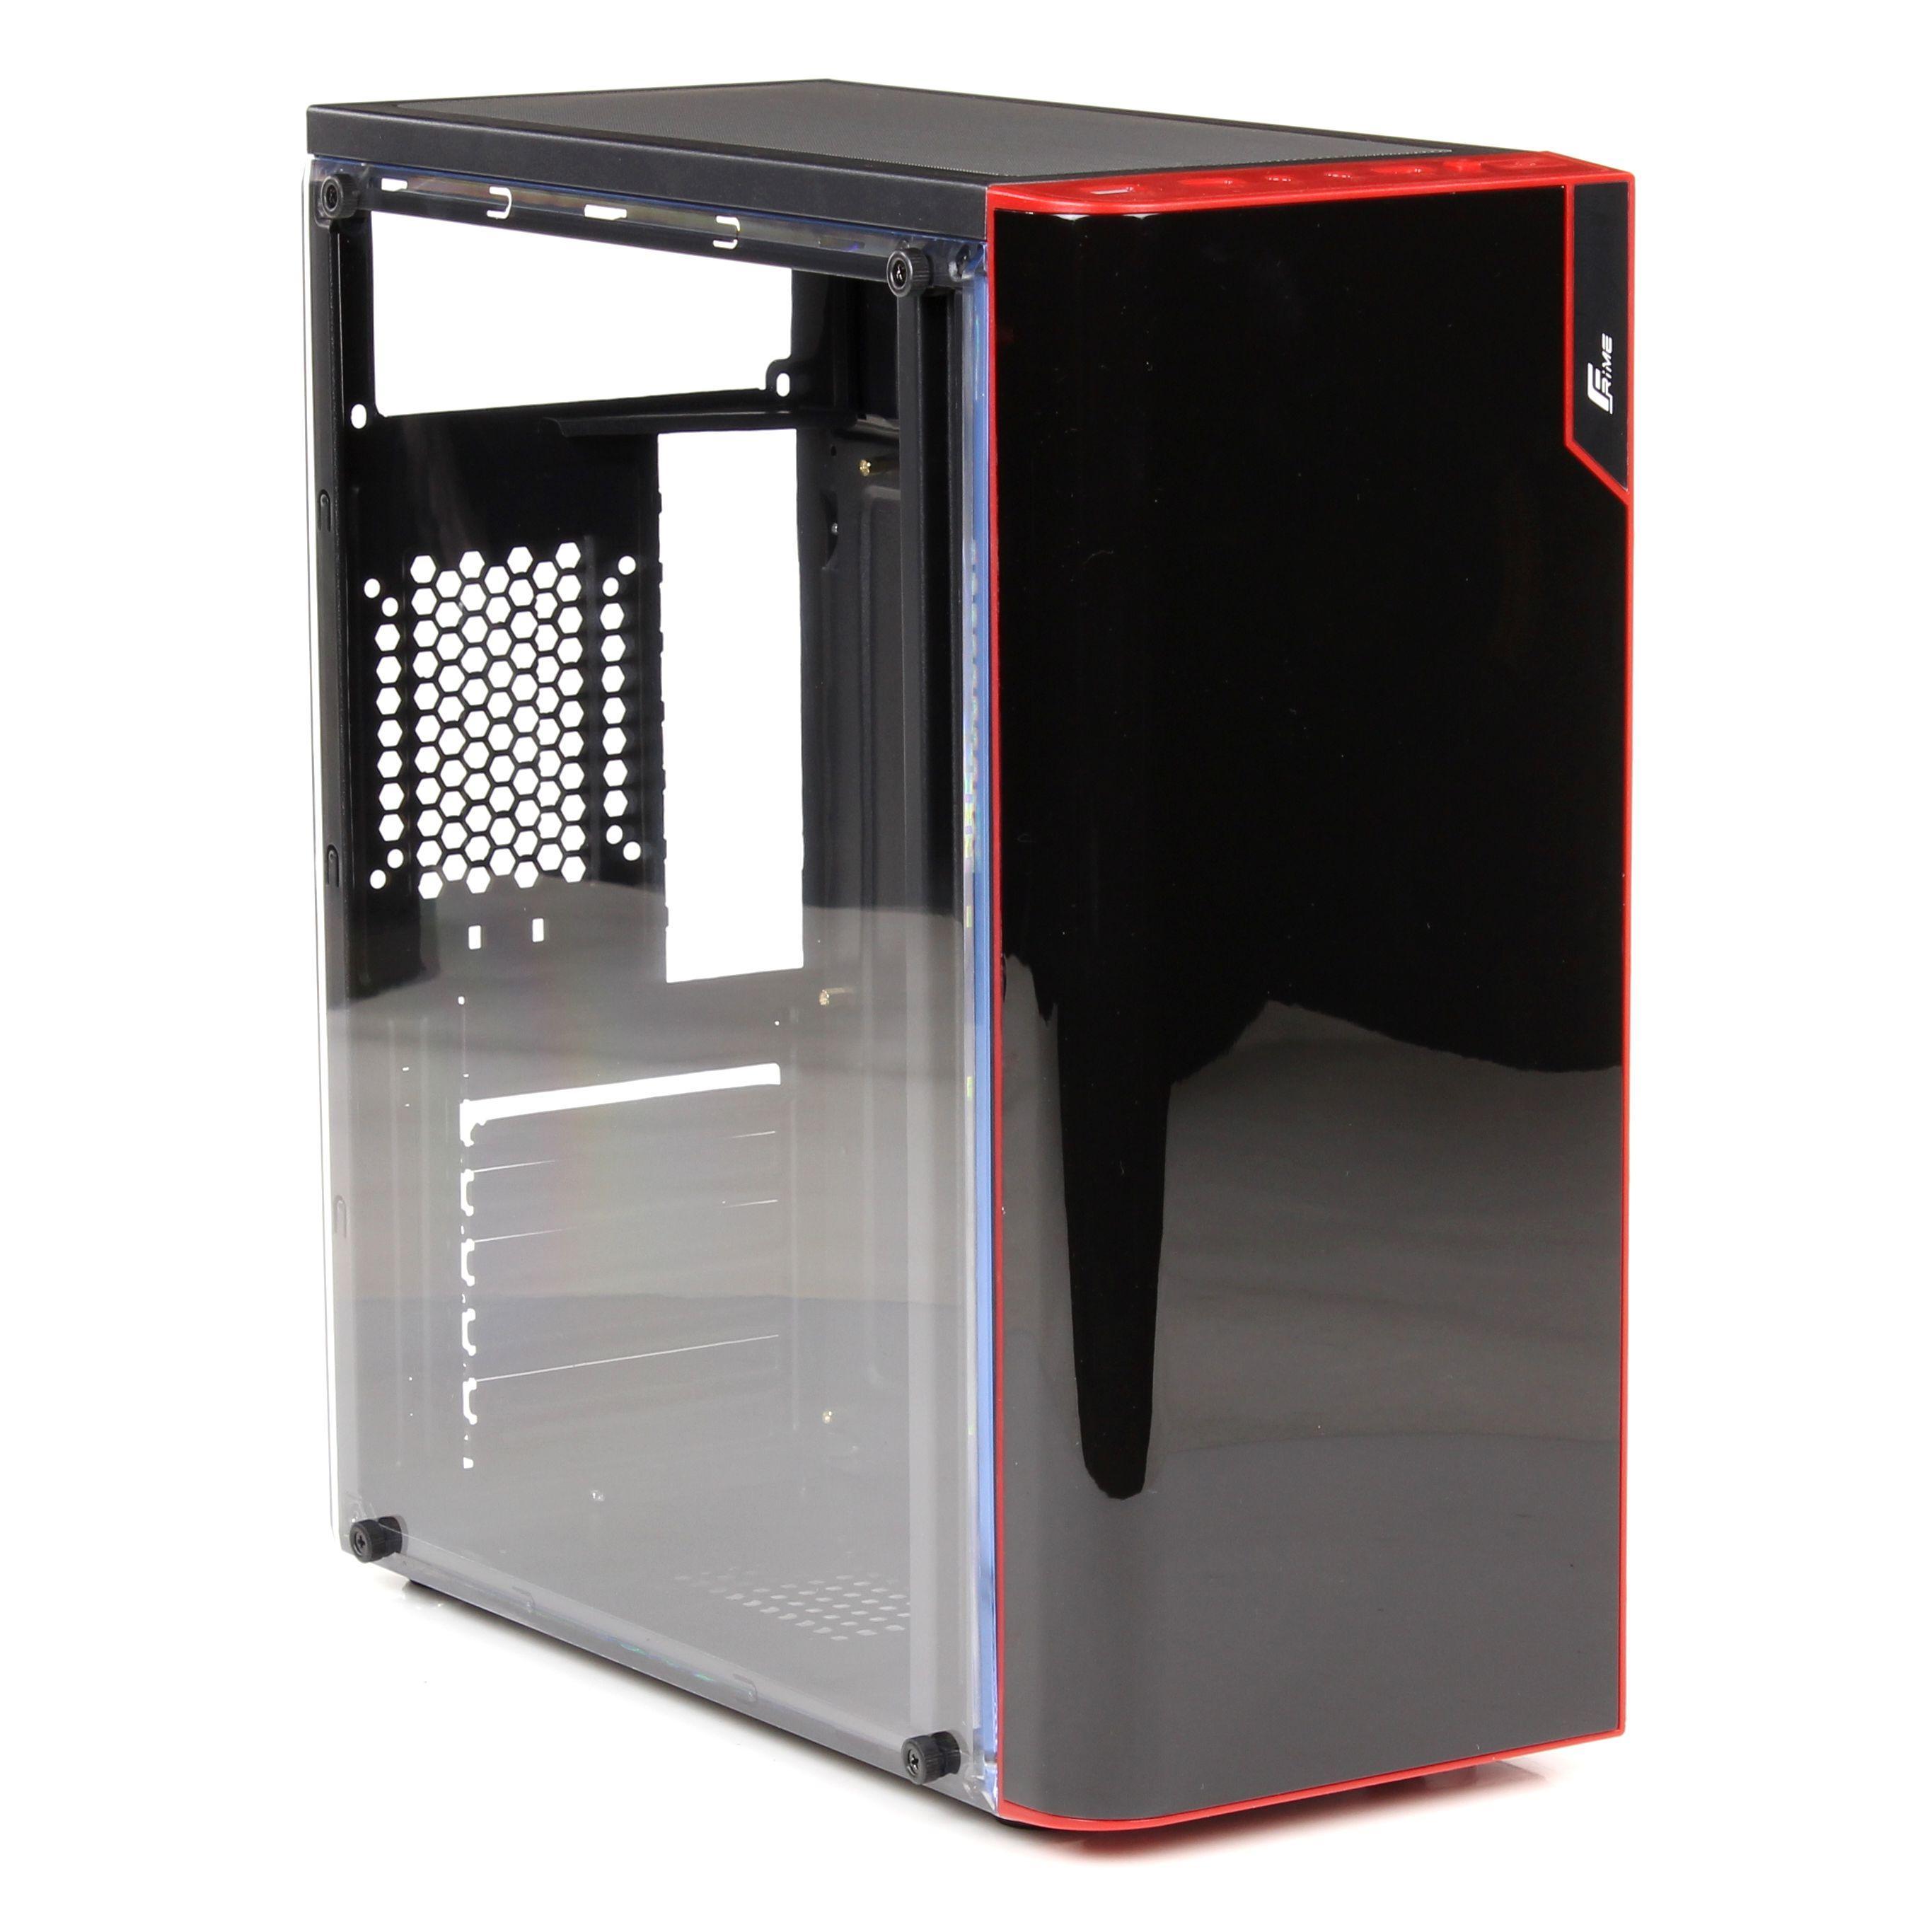 Купить корпус для ПК Frime Vision red led USB 3.0 (Vision-U3-3RSRF-WP) Без БП  Черный - 828 грн в интернет-магазине Эра Электроники